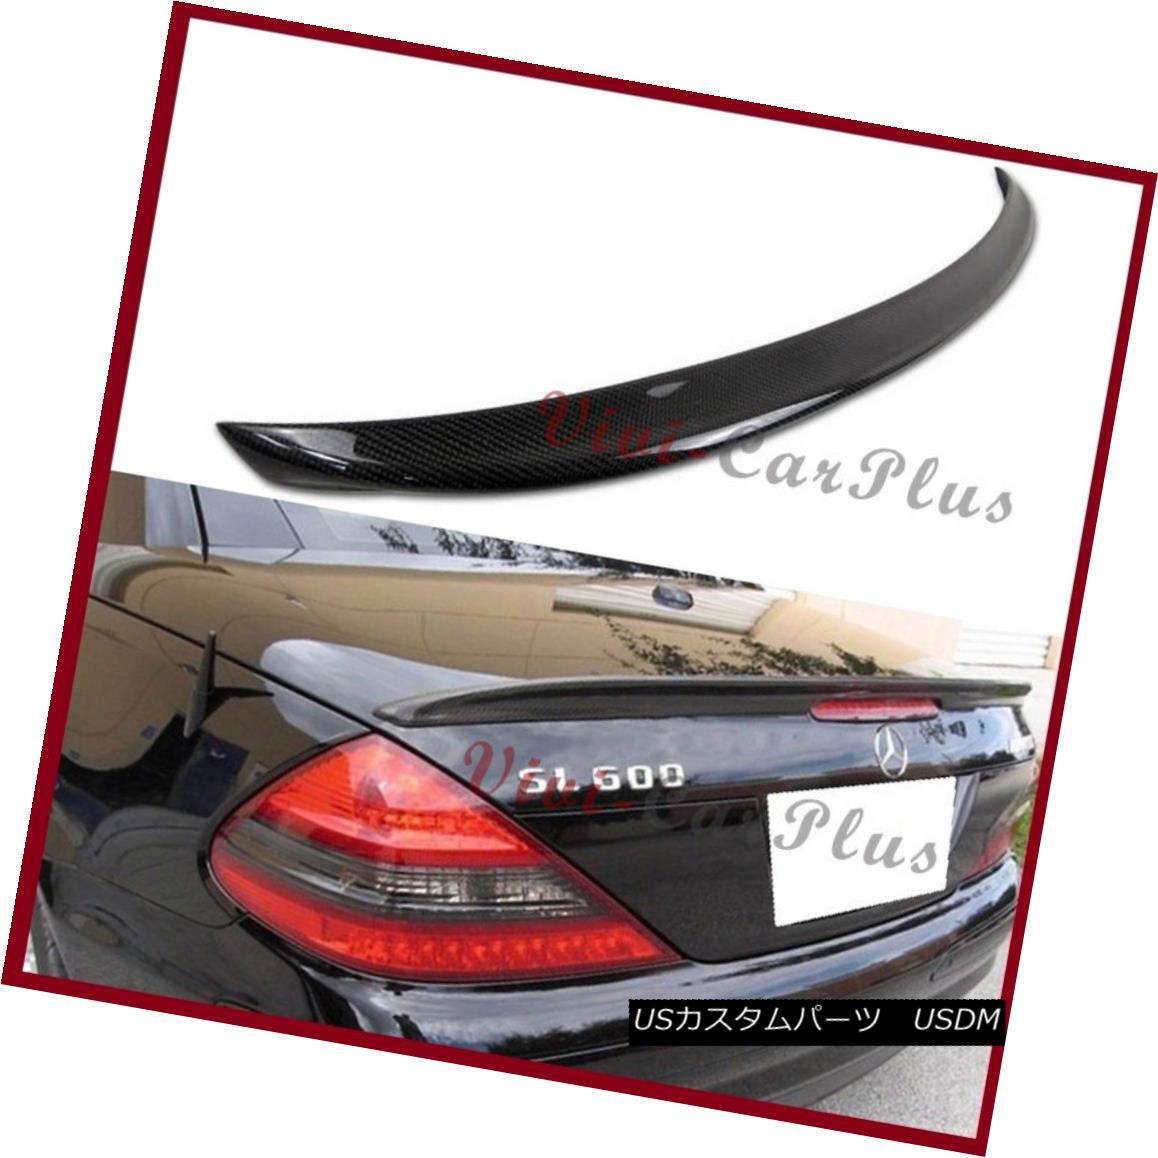 エアロパーツ Carbon Fiber A Type Trunk Spoiler Boot Fit 03-11 M-Benz R230 SL600 SL55 SL63 Lip 炭素繊維A型トランク・スポイラー・ブーツ・フィット03-11 M-Benz R230 SL600 SL55 SL63 Lip